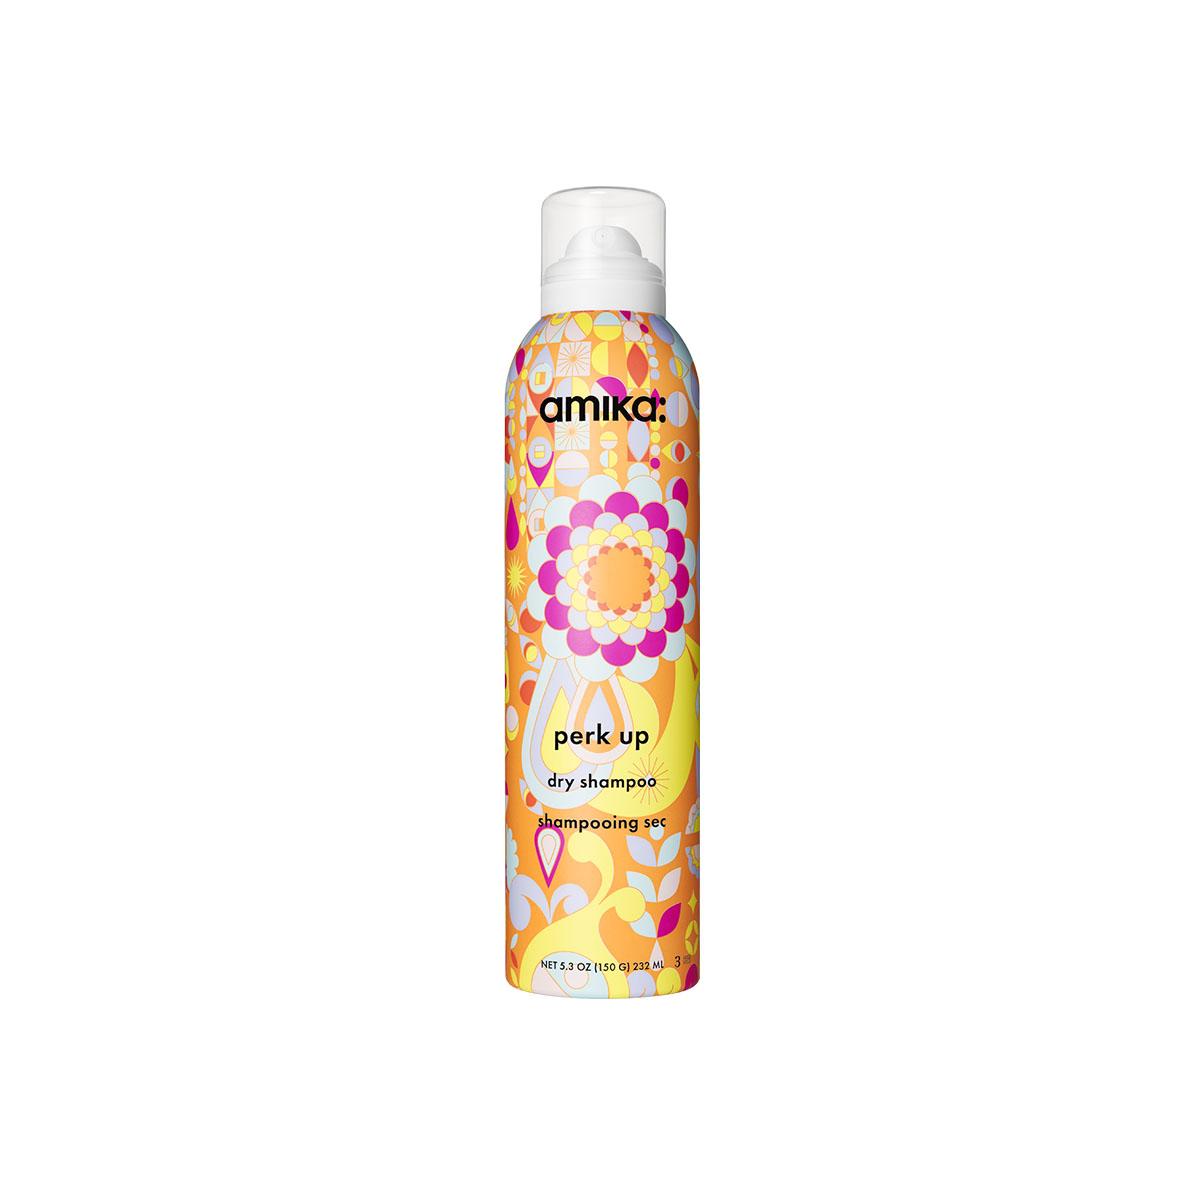 amika: Perk Up Dry Shampoo